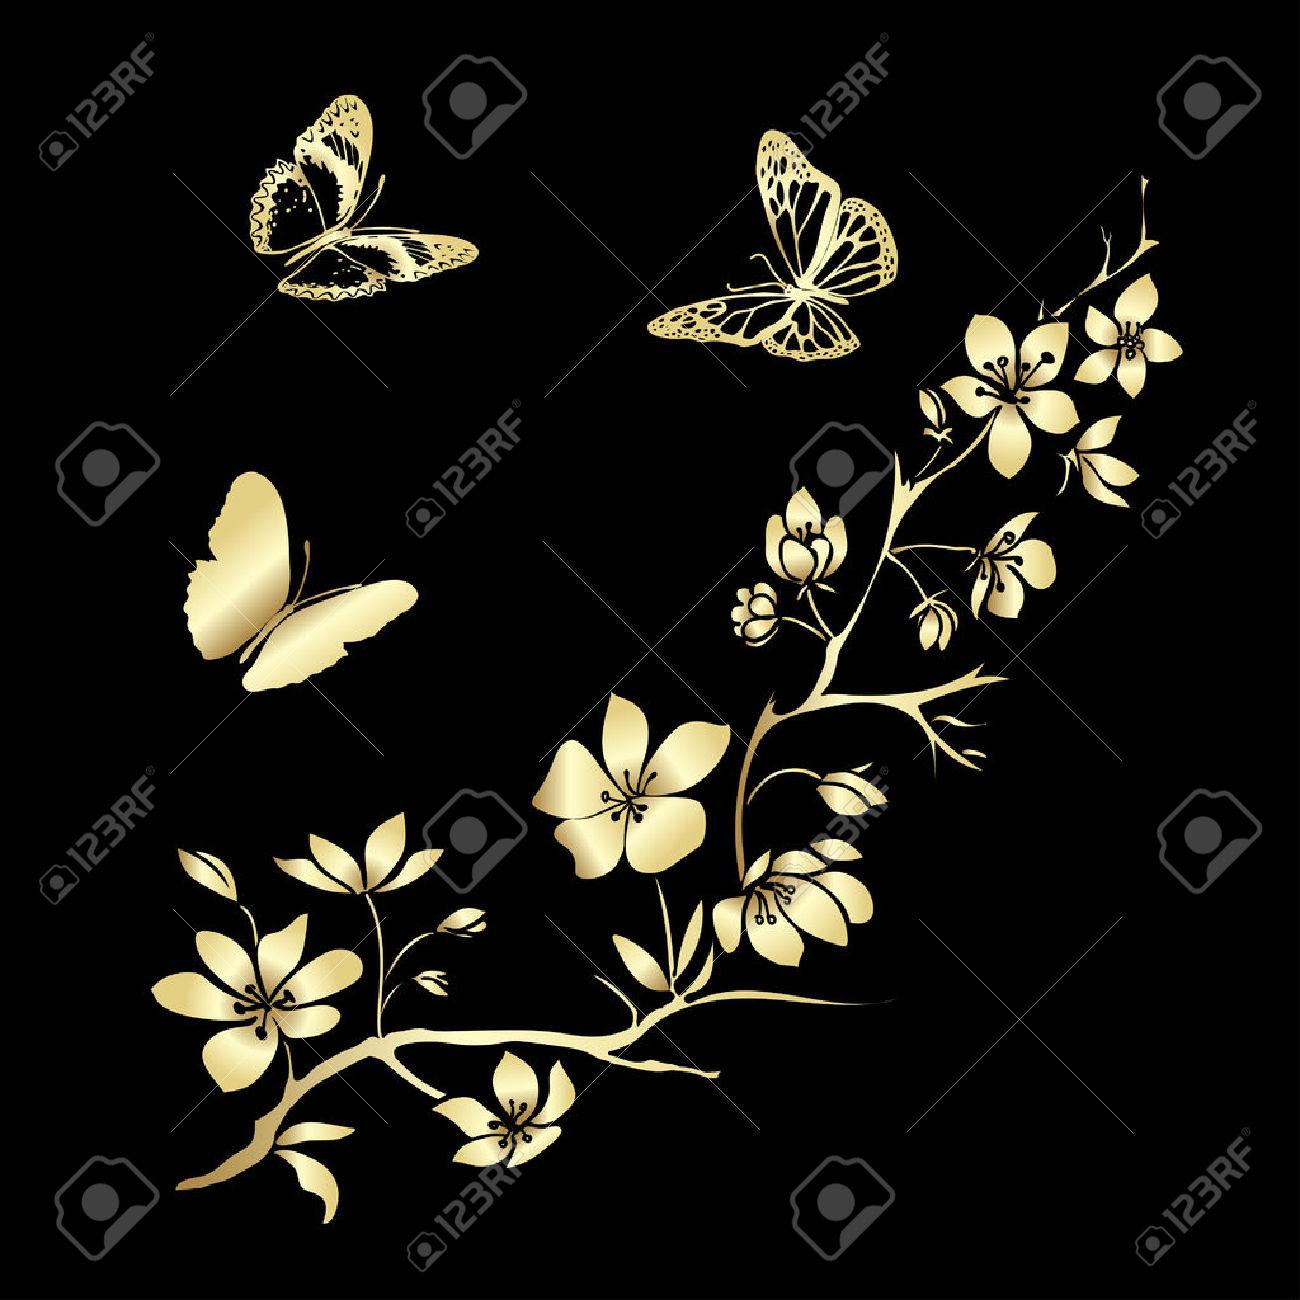 Guld Kvist Sakura Blommor Och Fjärilar. Vektor Illustration.